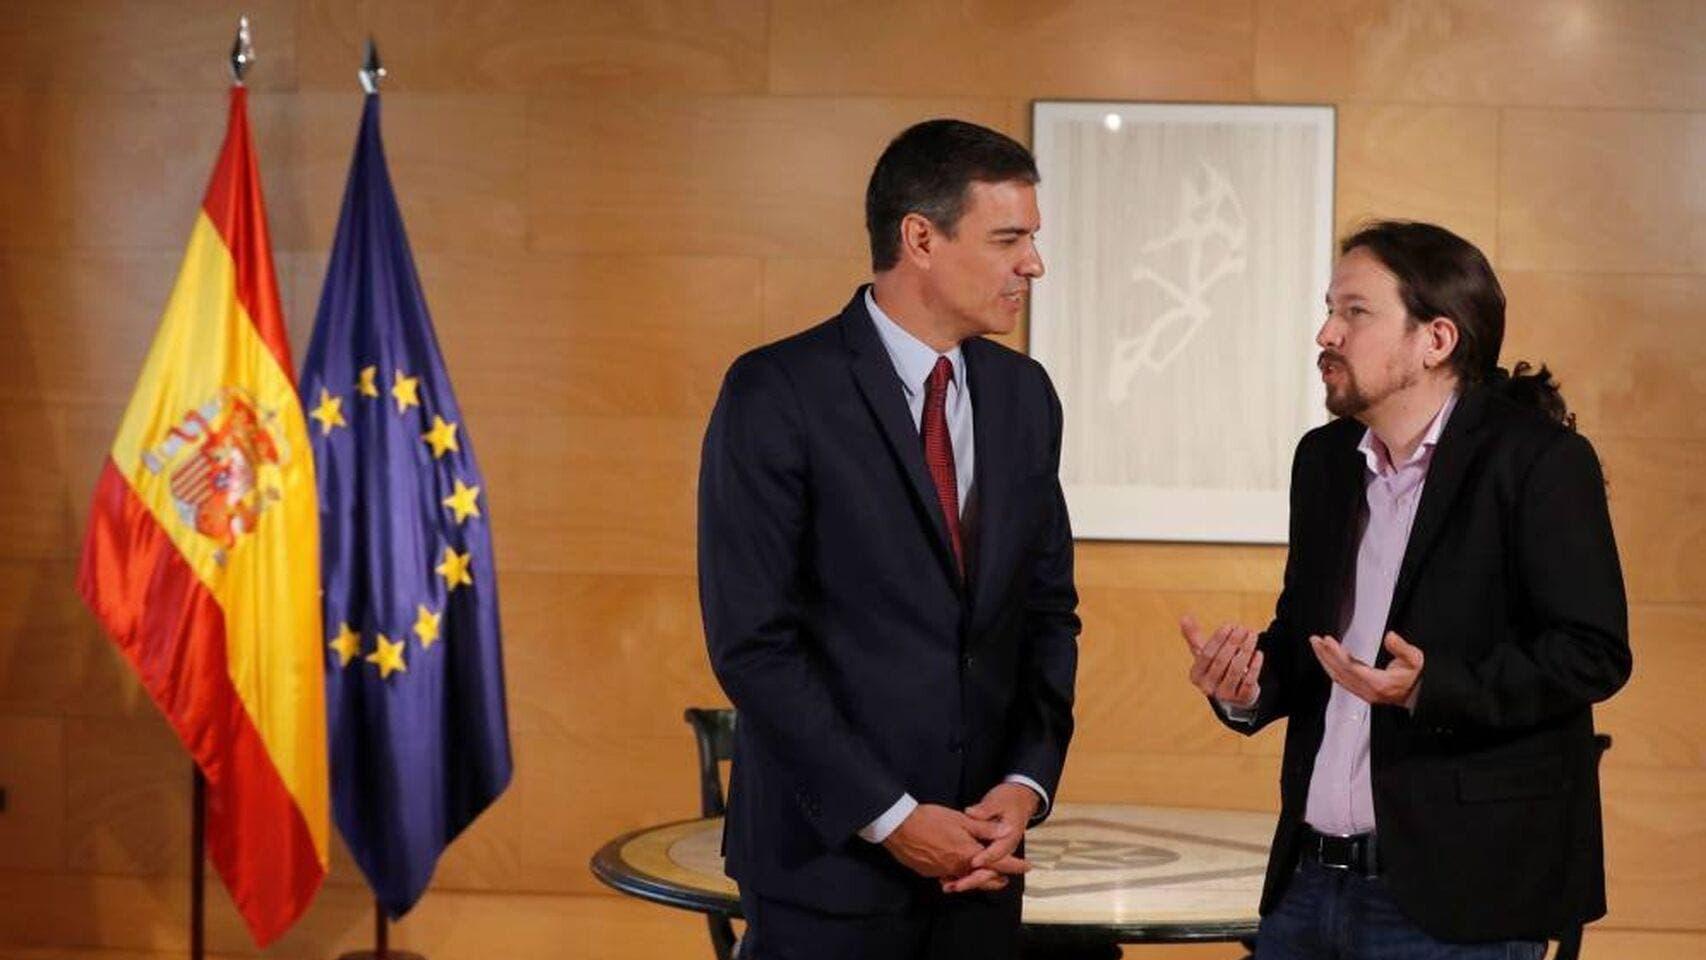 Pedro_sanchez Pablo_iglesias Podemos Psoe Gobierno_de_espana Politica_424469081_133100048_1706x960